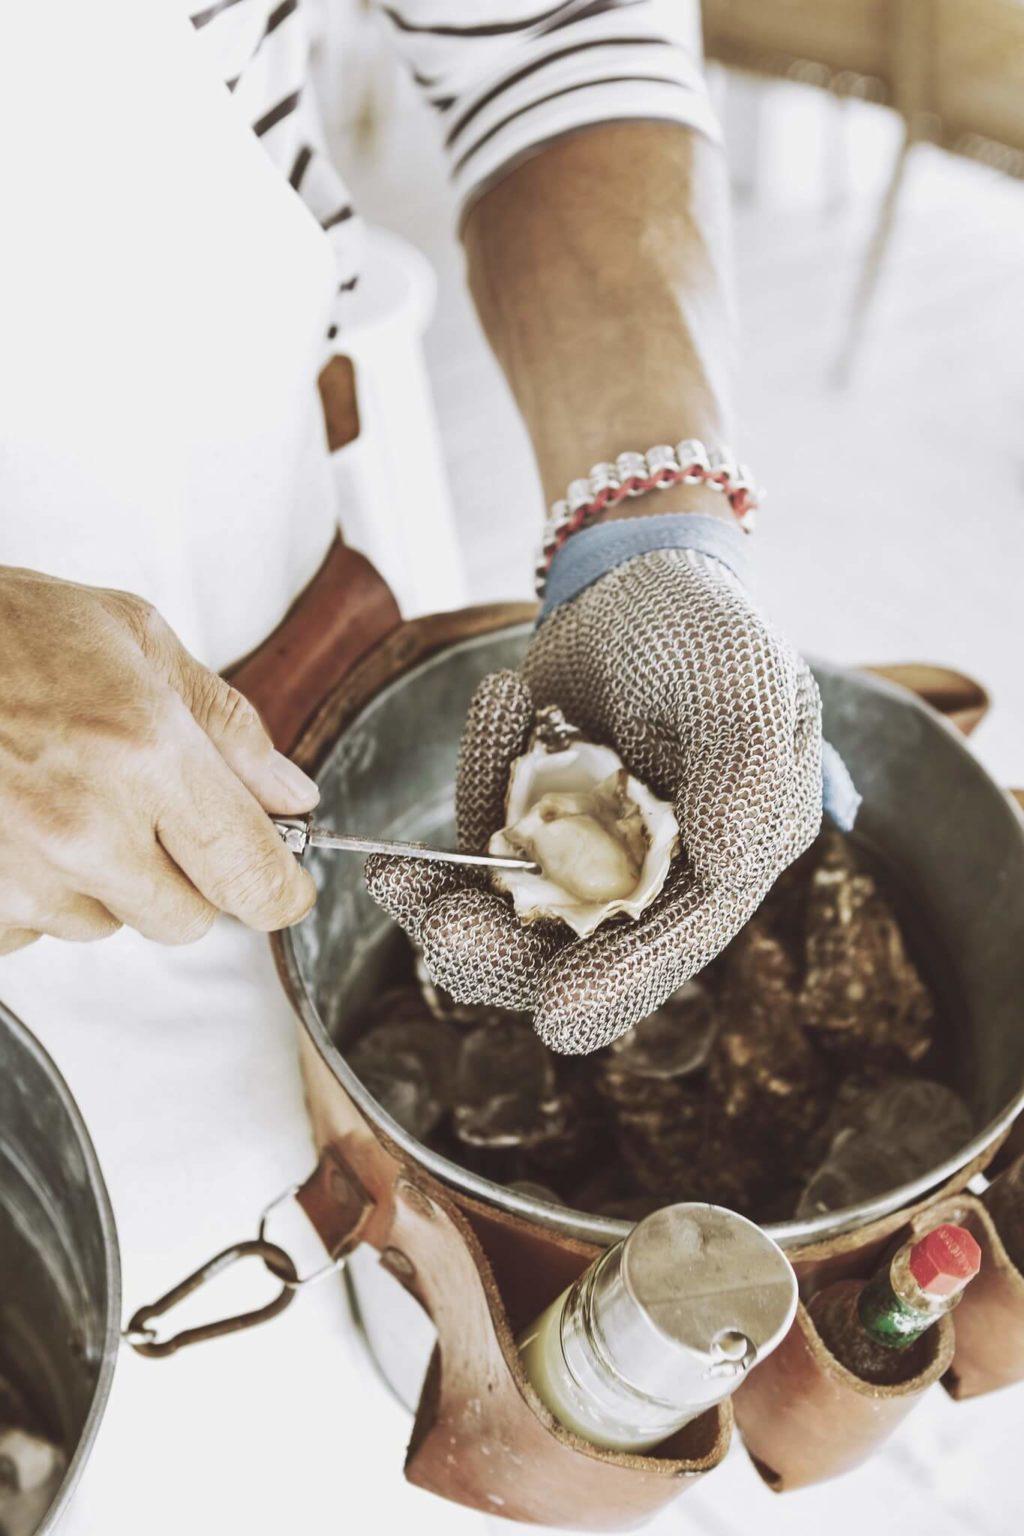 https://www.white-ibiza.com/wp-content/uploads/2020/03/white-ibiza-restaurants-el-chiringuito-2020-11-1024x1536.jpg